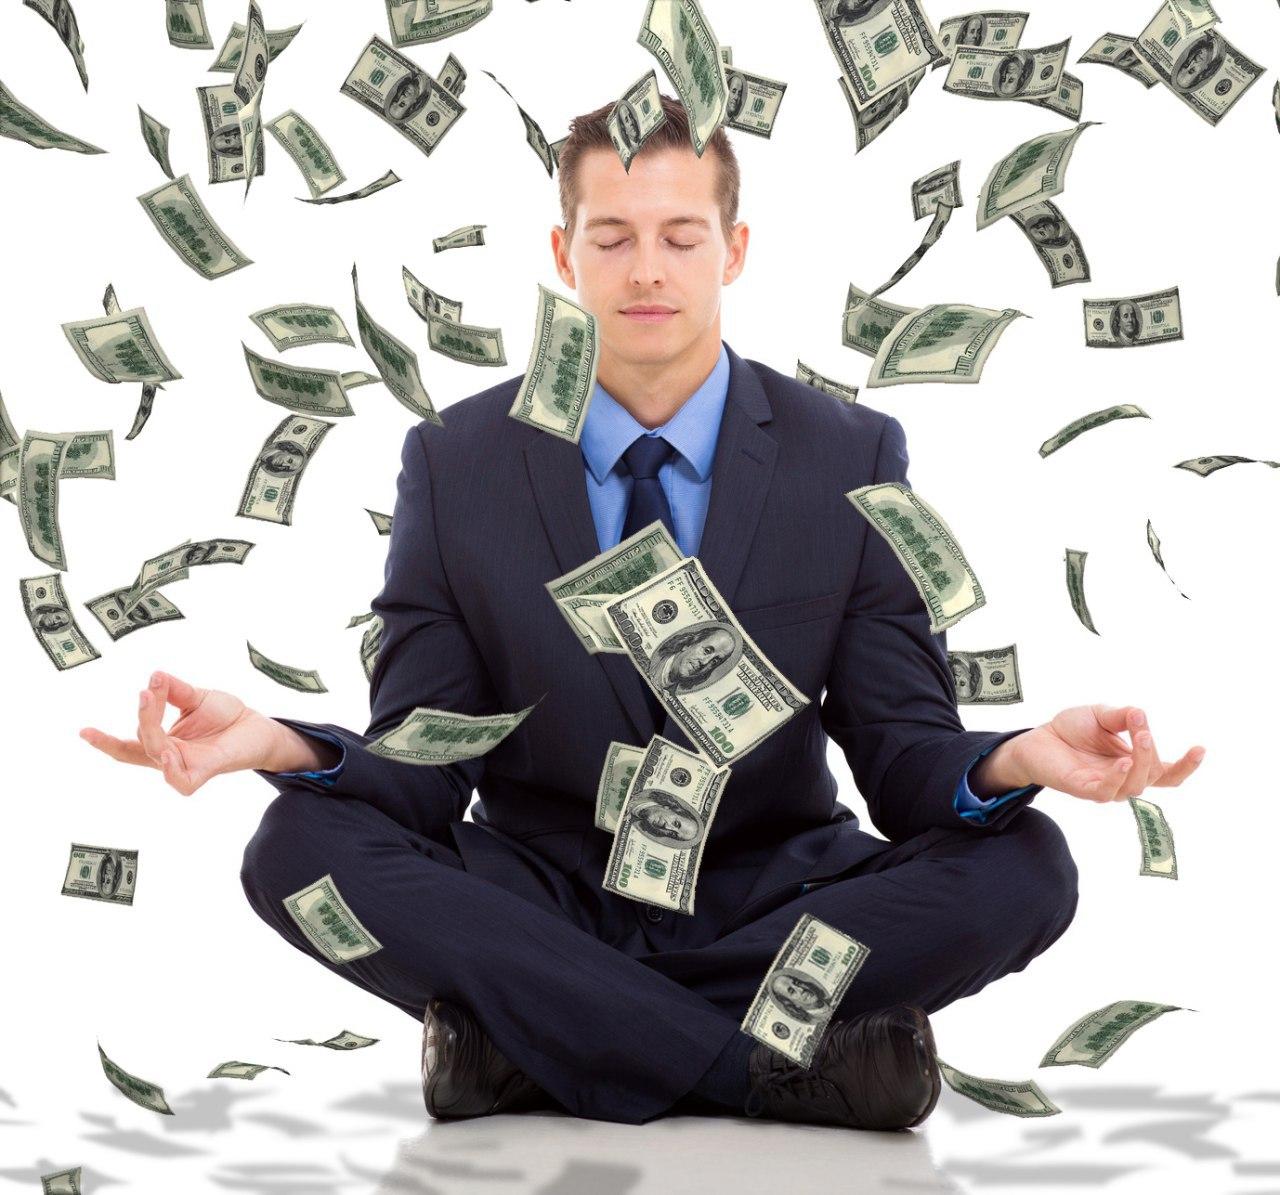 כמה עולה אושר? על כסף ורוחניות, ייעוד ומשמעות במאה 21